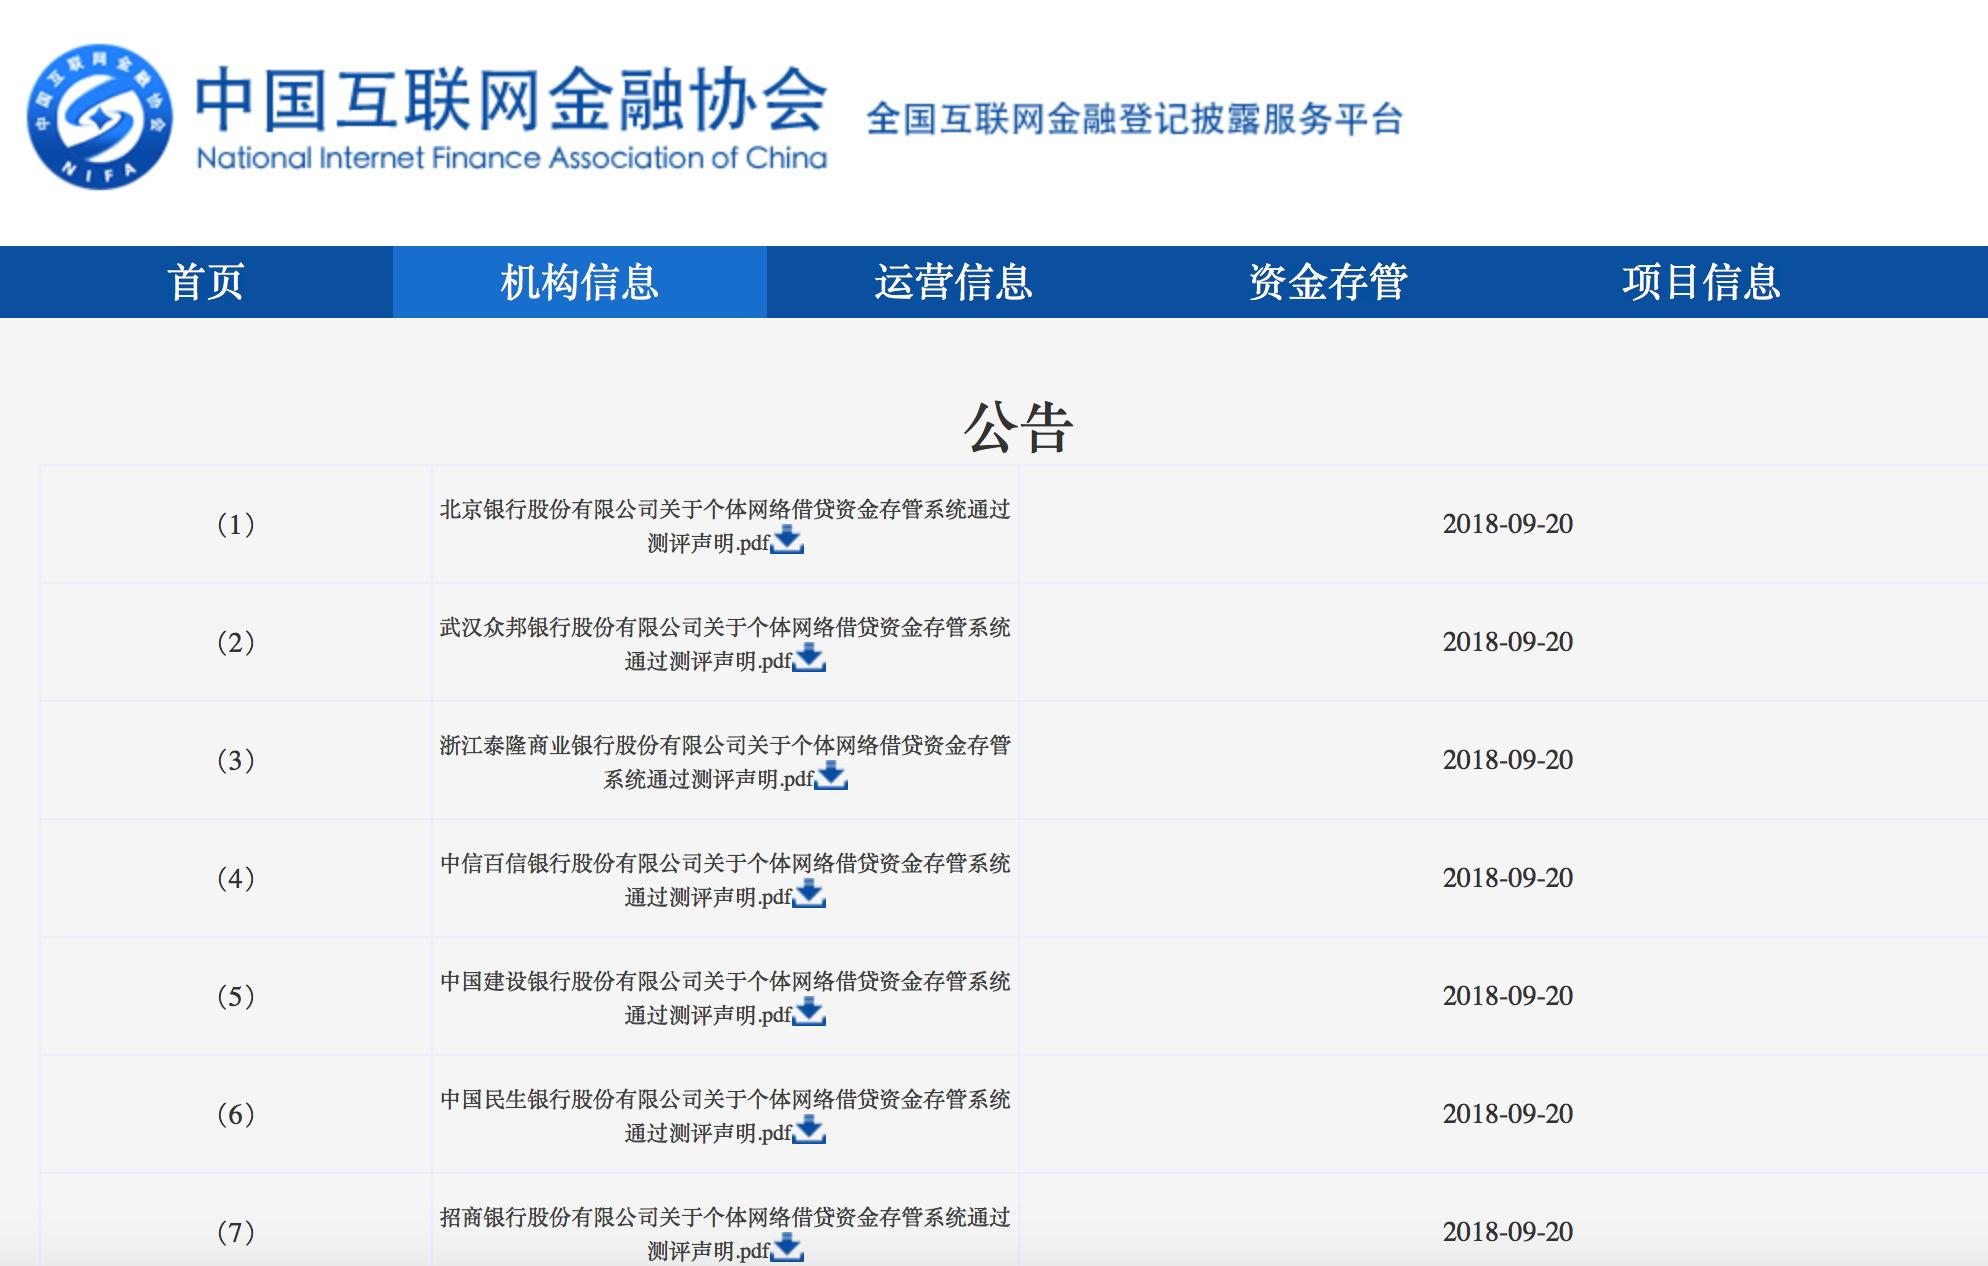 25家银行发布网贷资金存管系统通过测评声明